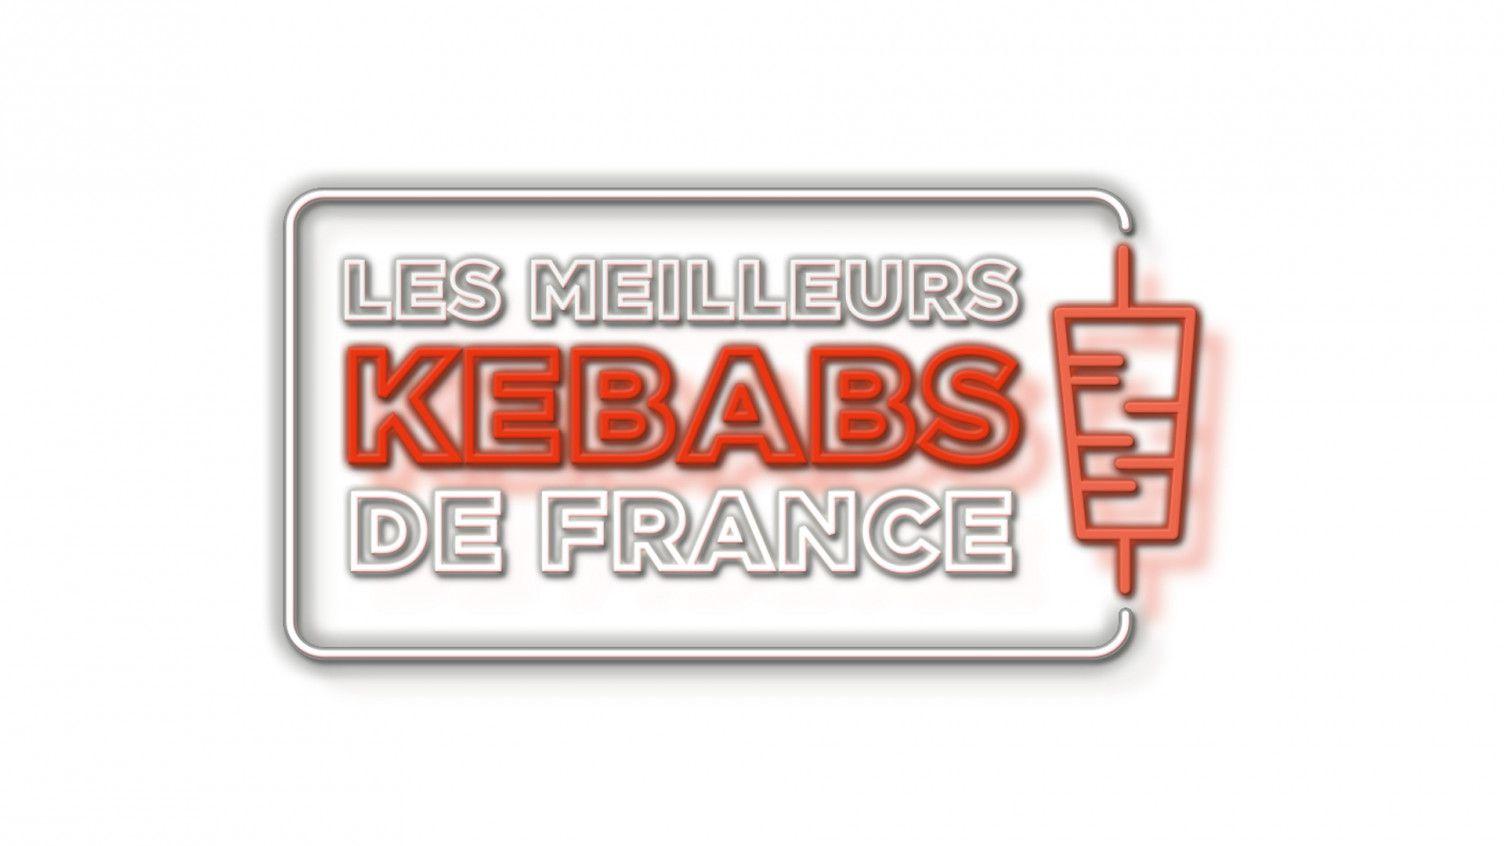 """Le magazine """"Très Très Bon"""" dévoilera demain son palmarès des meilleurs kebabs"""